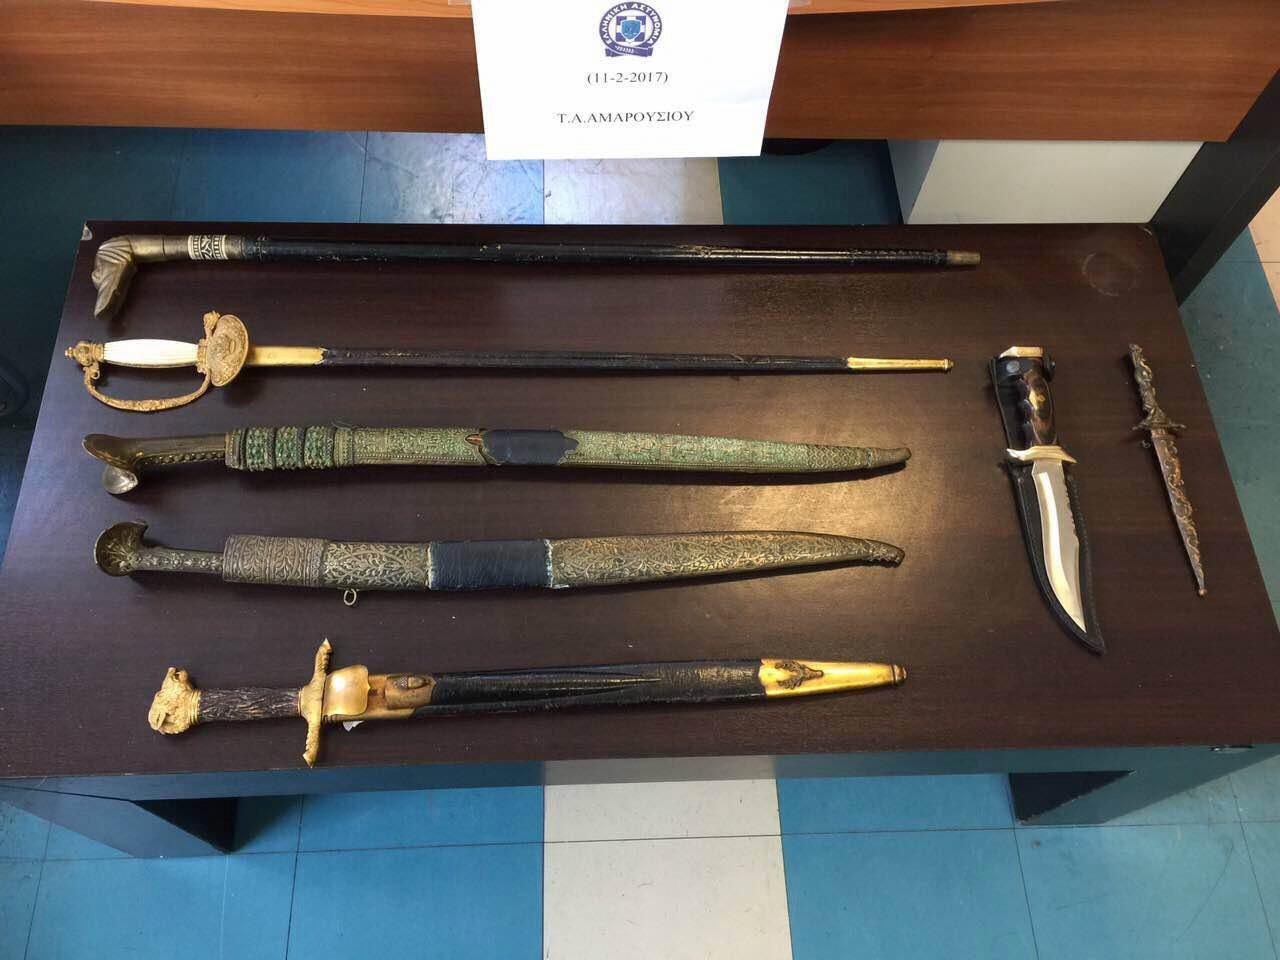 μαχαίρια υπόθεσης που χρονολογούνται